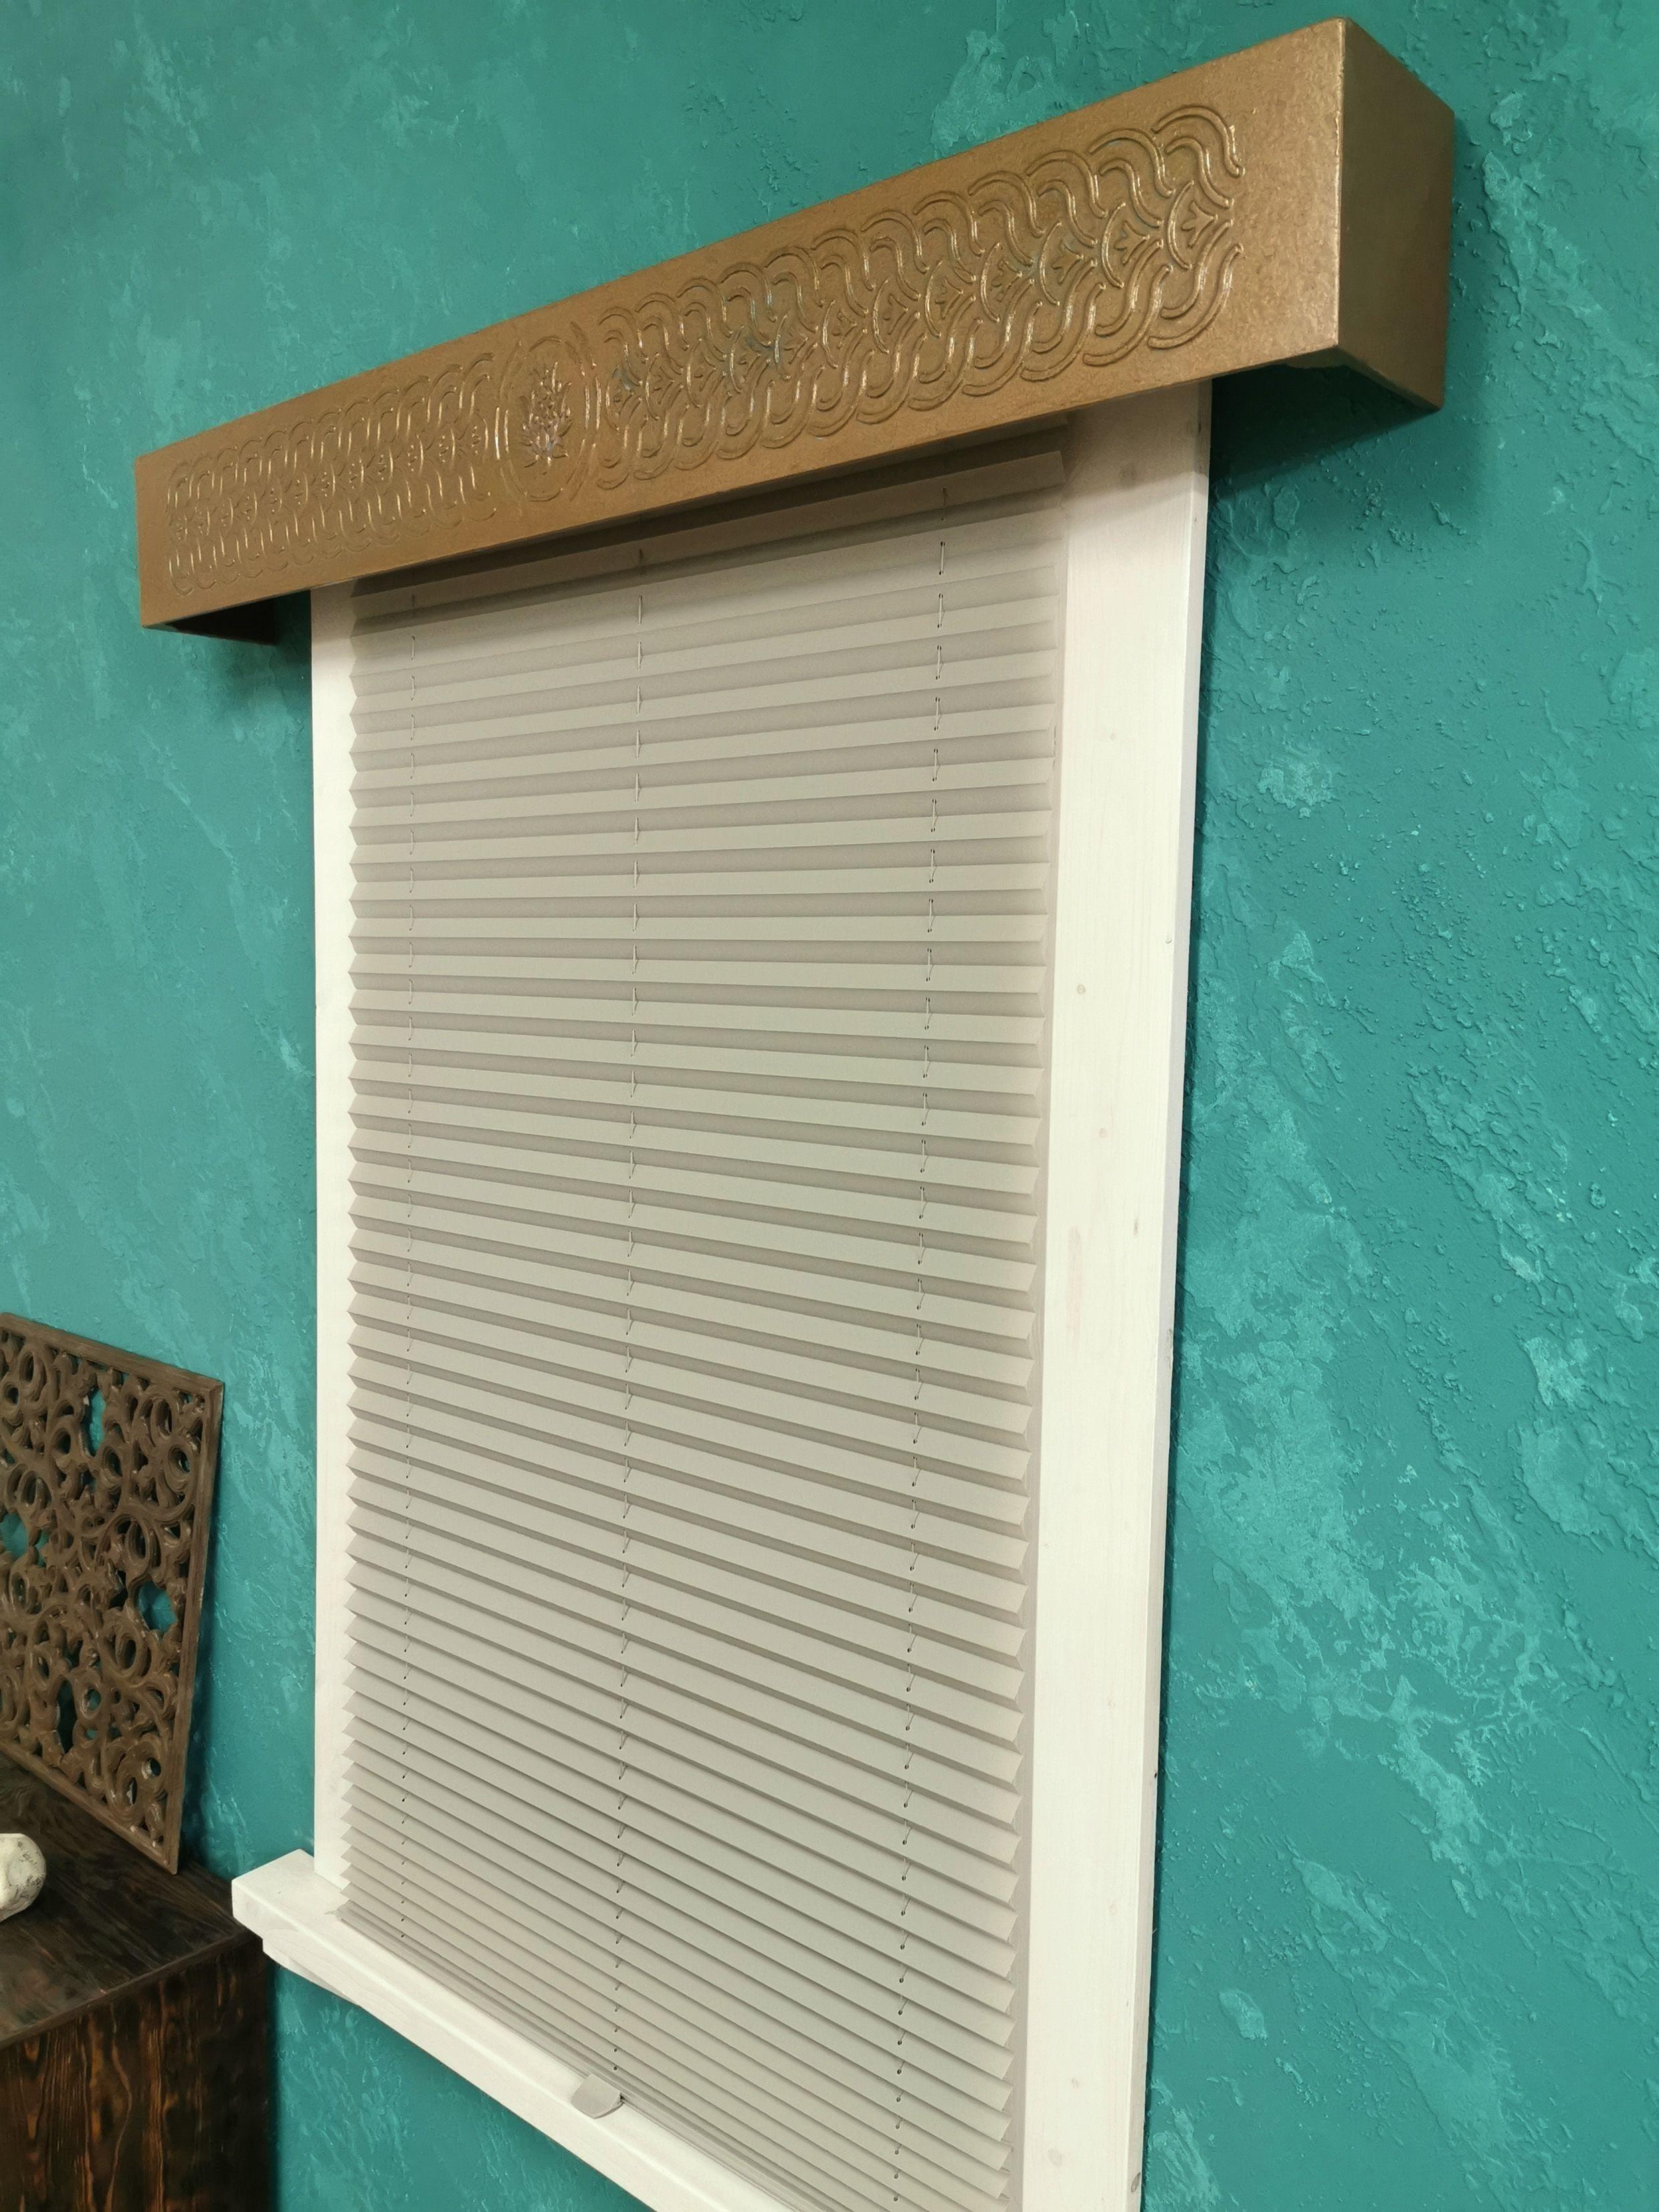 Window cornice/Cornice Window Treatments/Cornice board